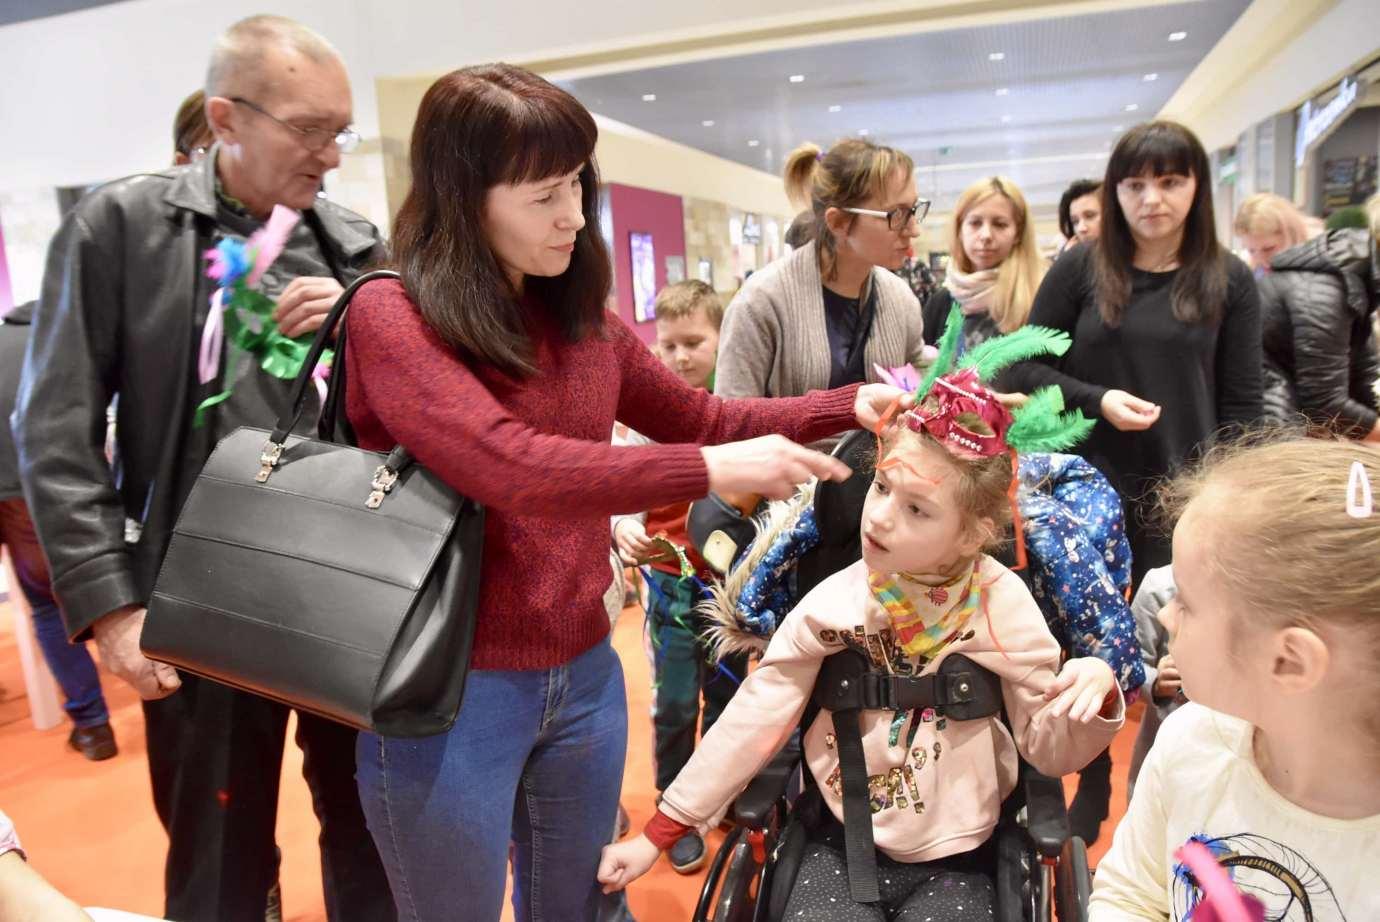 dsc 3961 Zabawa kreatywnych dzieciaków w Galerii Handlowej Twierdza (filmy i zdjęcia)